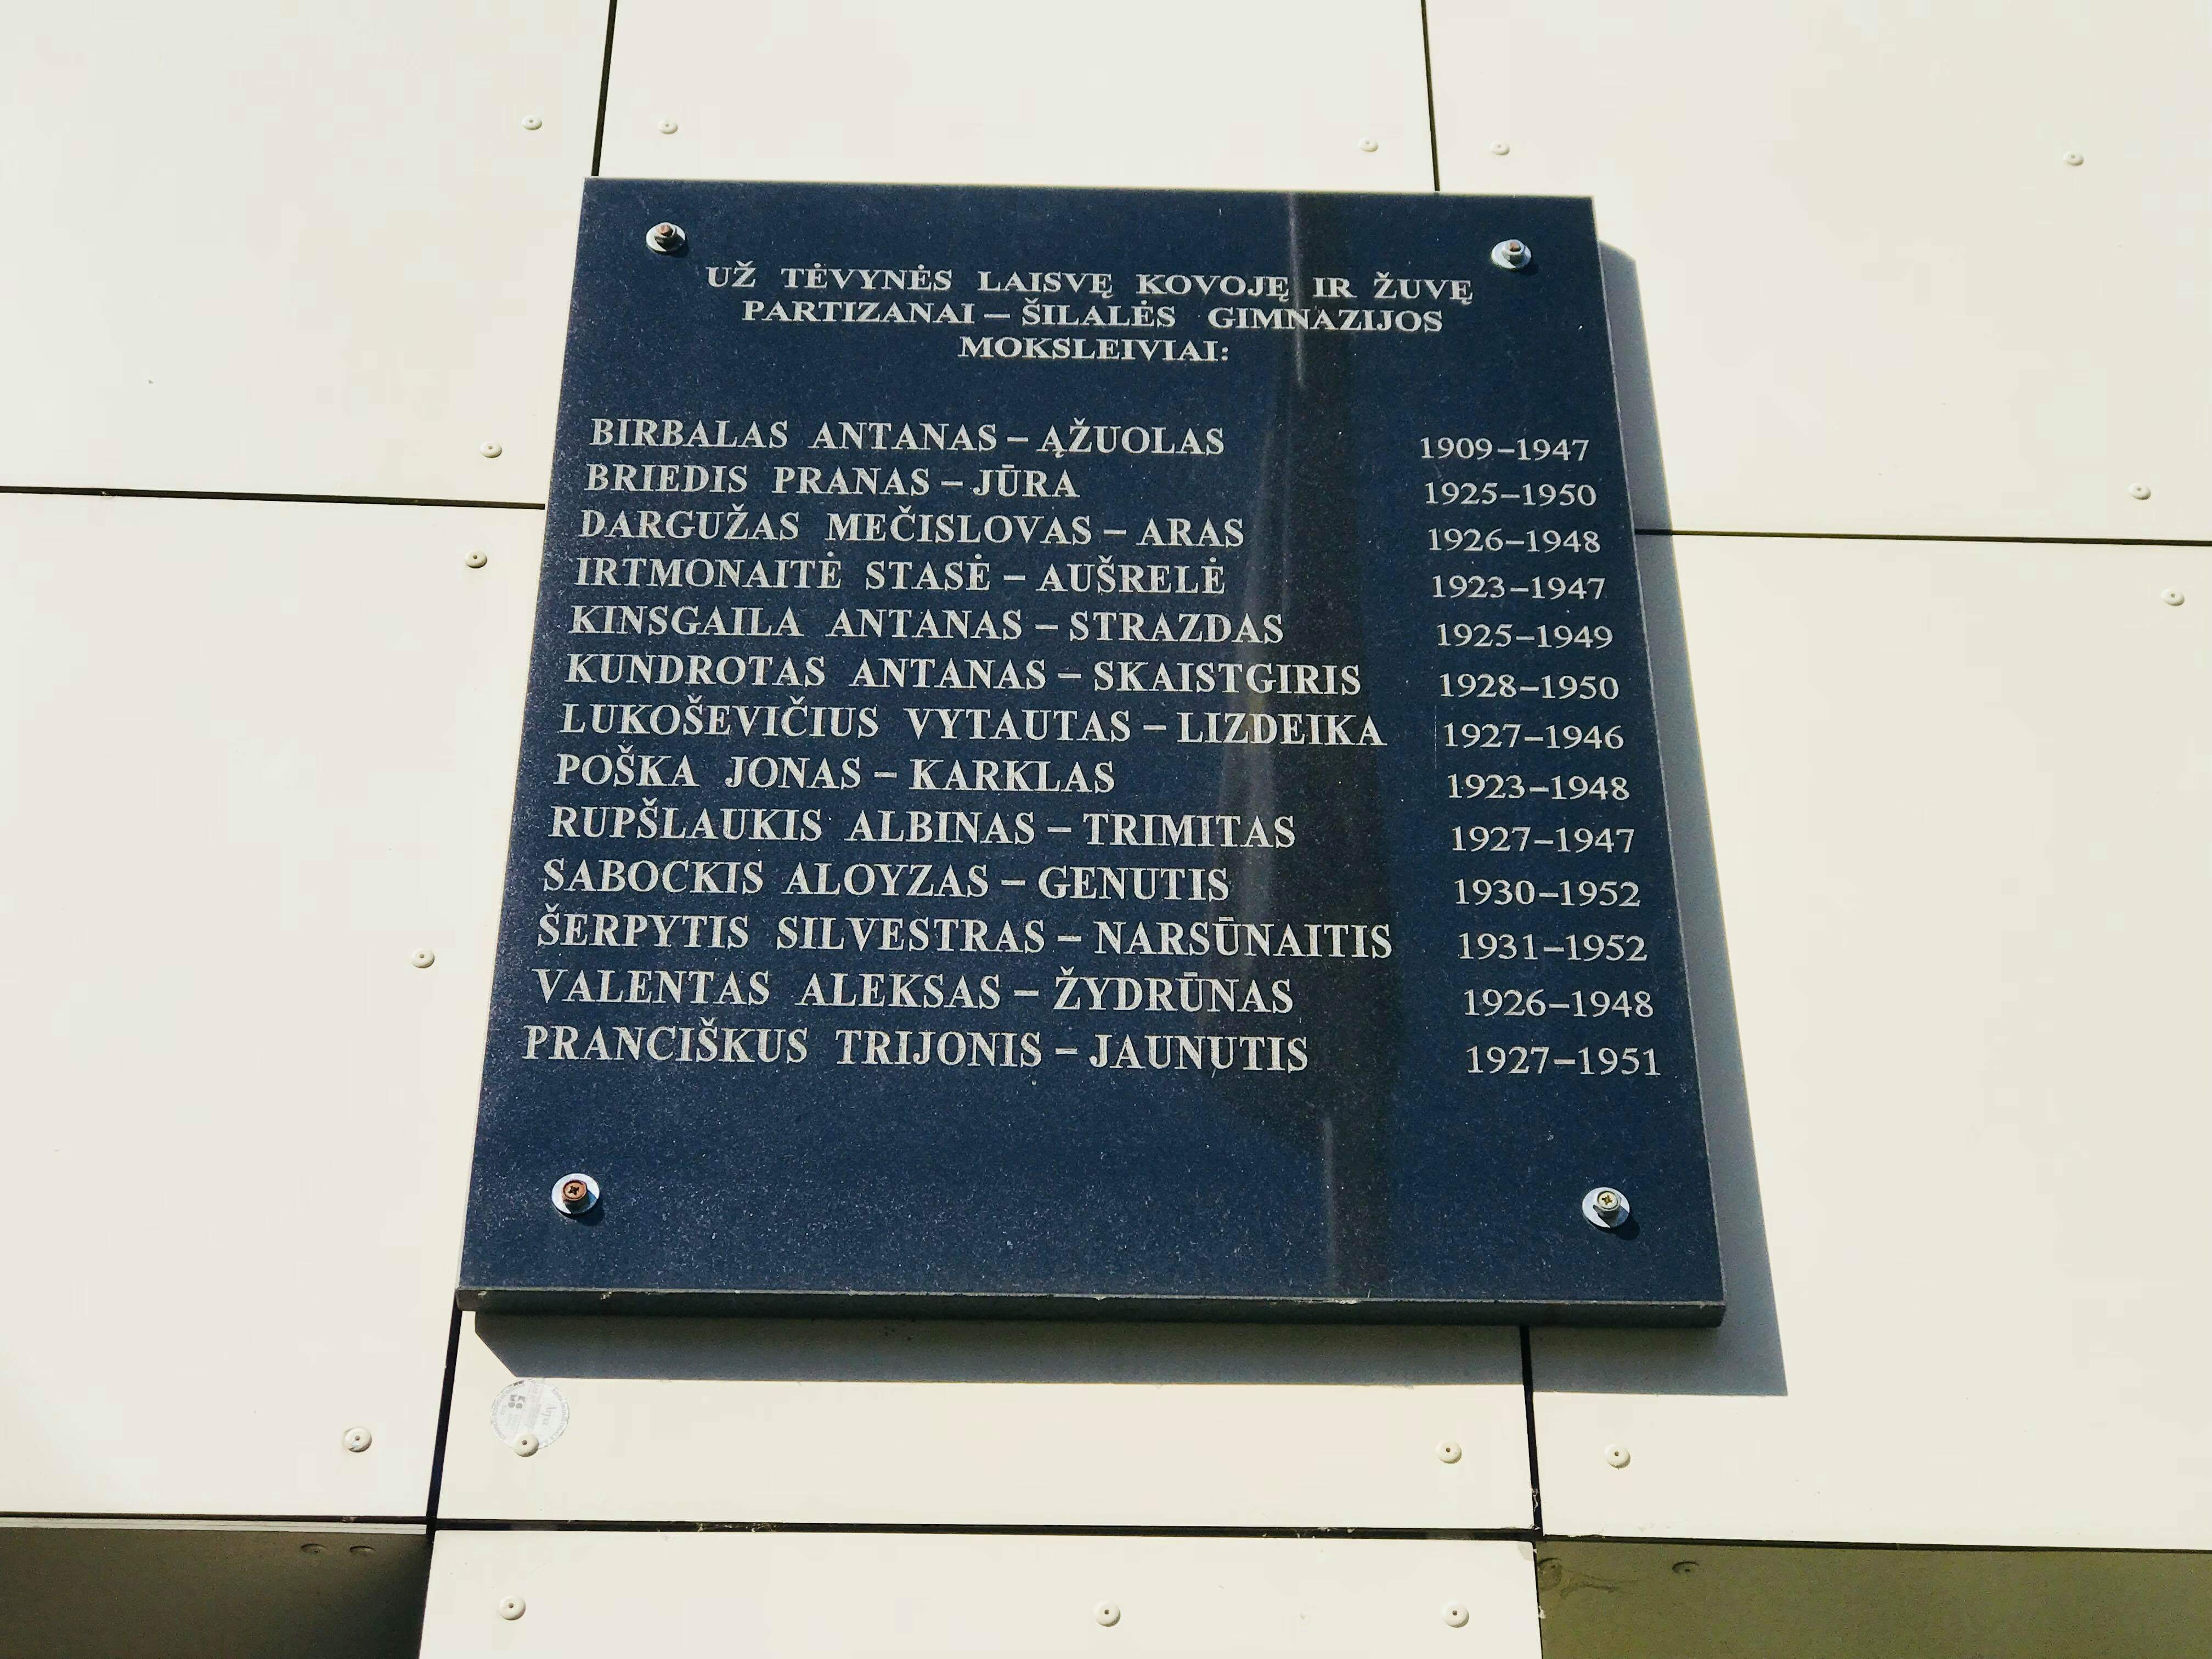 Paminklinė lenta mokiniams ir jų mokytojams, žuvusiems rezistenciniame judėjime, atminti